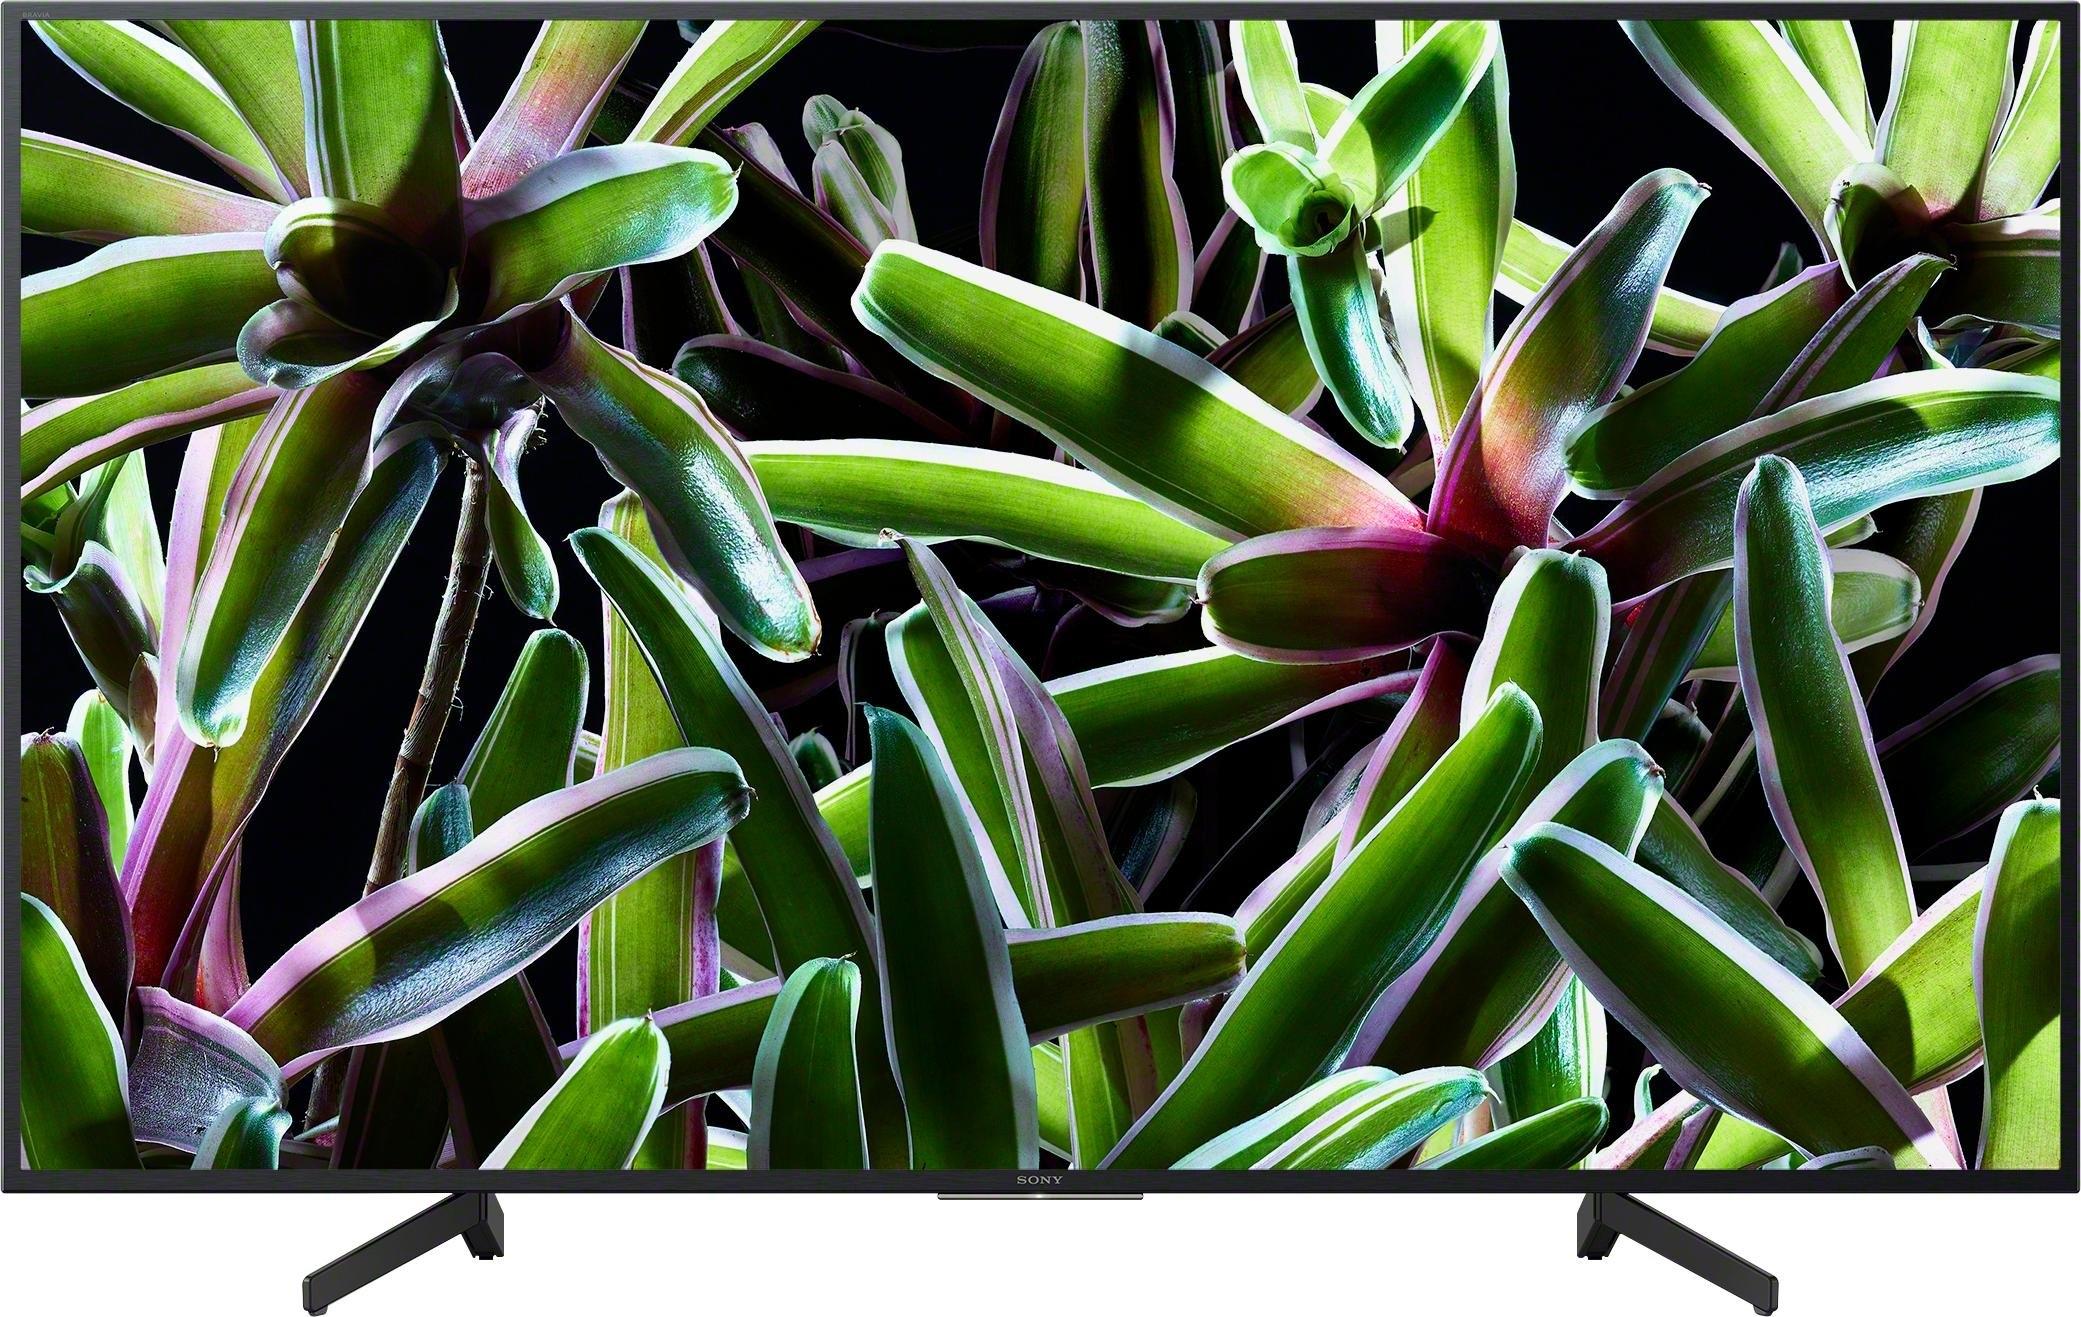 SONY KD49XG7005BAEP led-tv (123 cm / 49 inch), 4K Ultra HD, Smart-TV veilig op otto.nl kopen